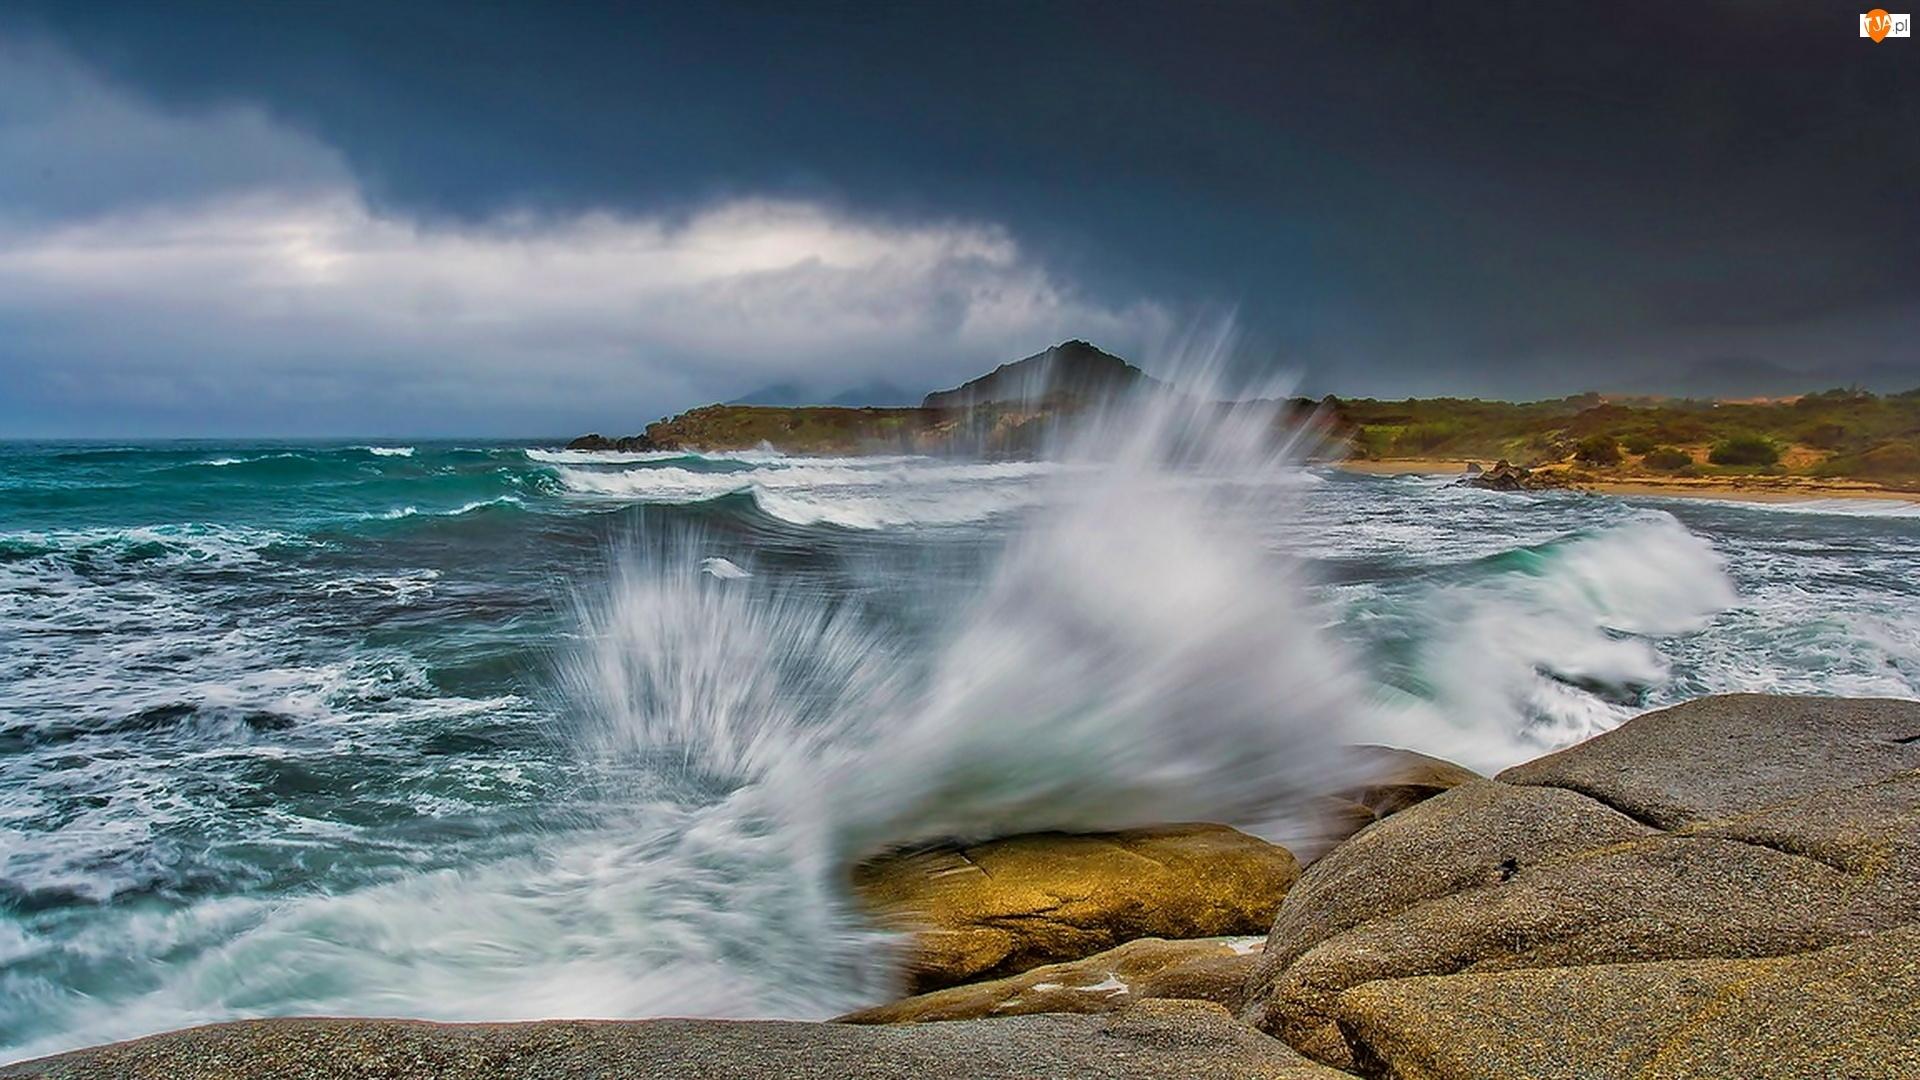 Woda, Morze, Fale, Kamienie, Rozbryzgująca